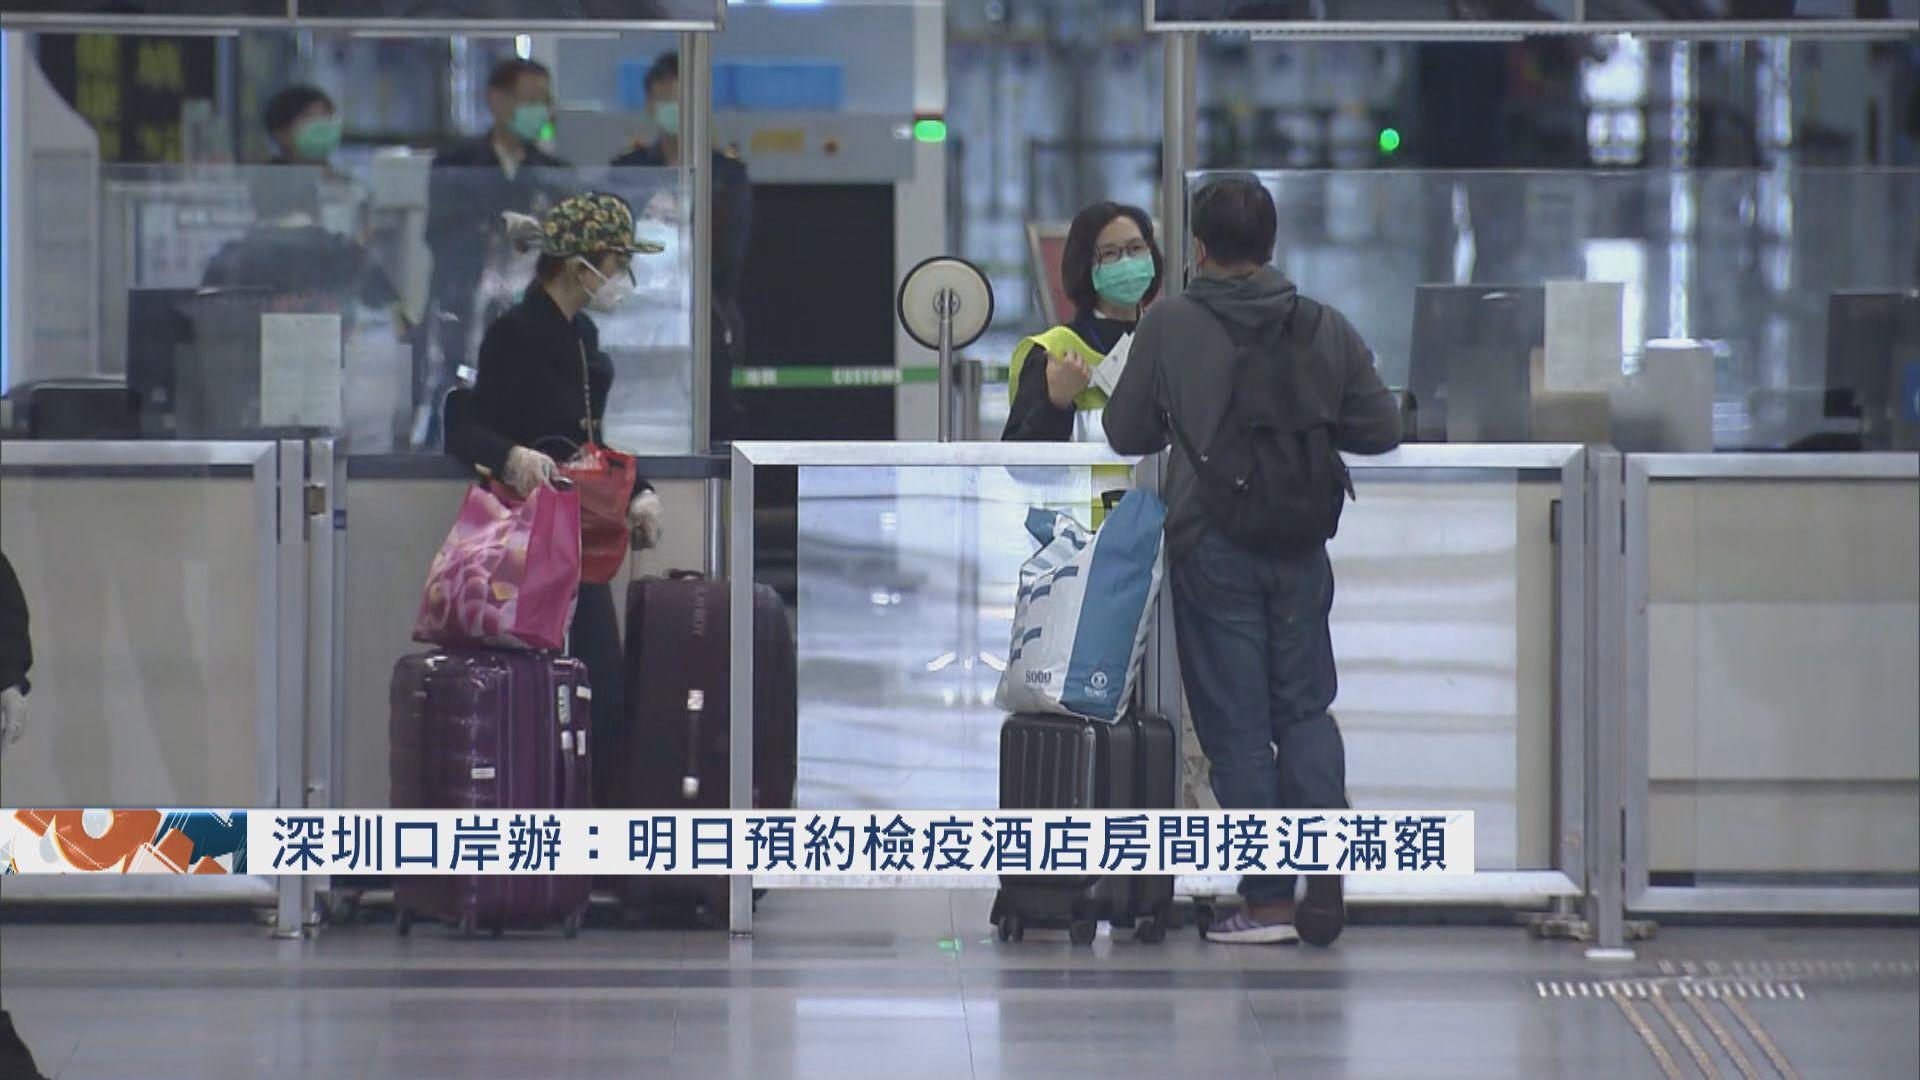 深圳口岸辦:明日預約檢疫酒店房間接近滿額